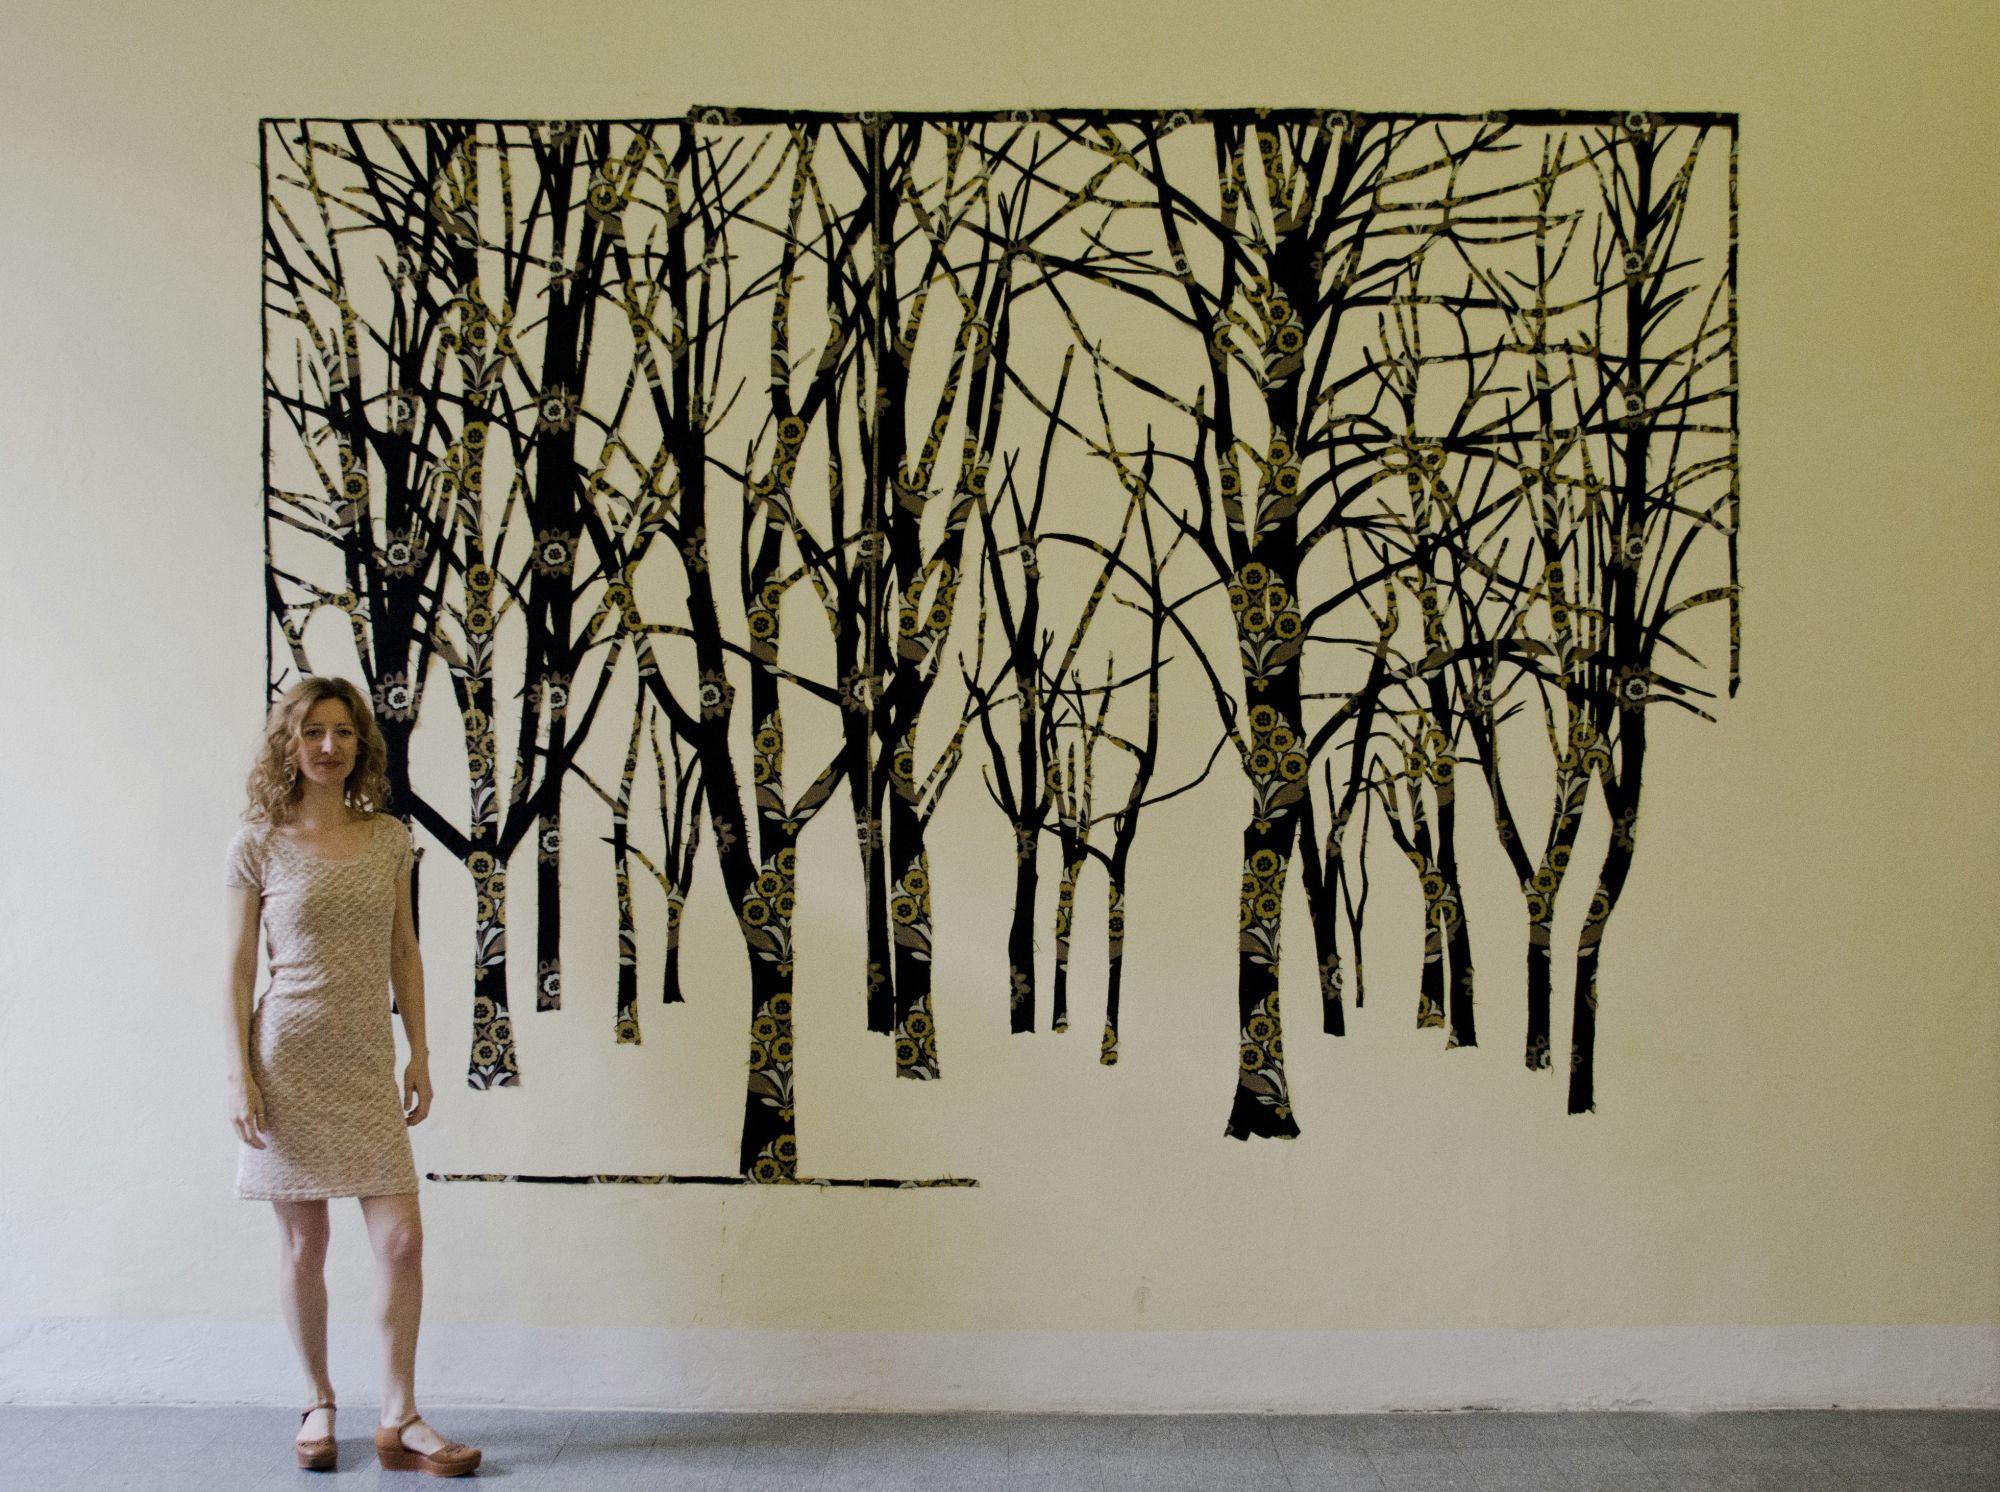 Golden Age, Teresa Cinque espone a Pietrasanta